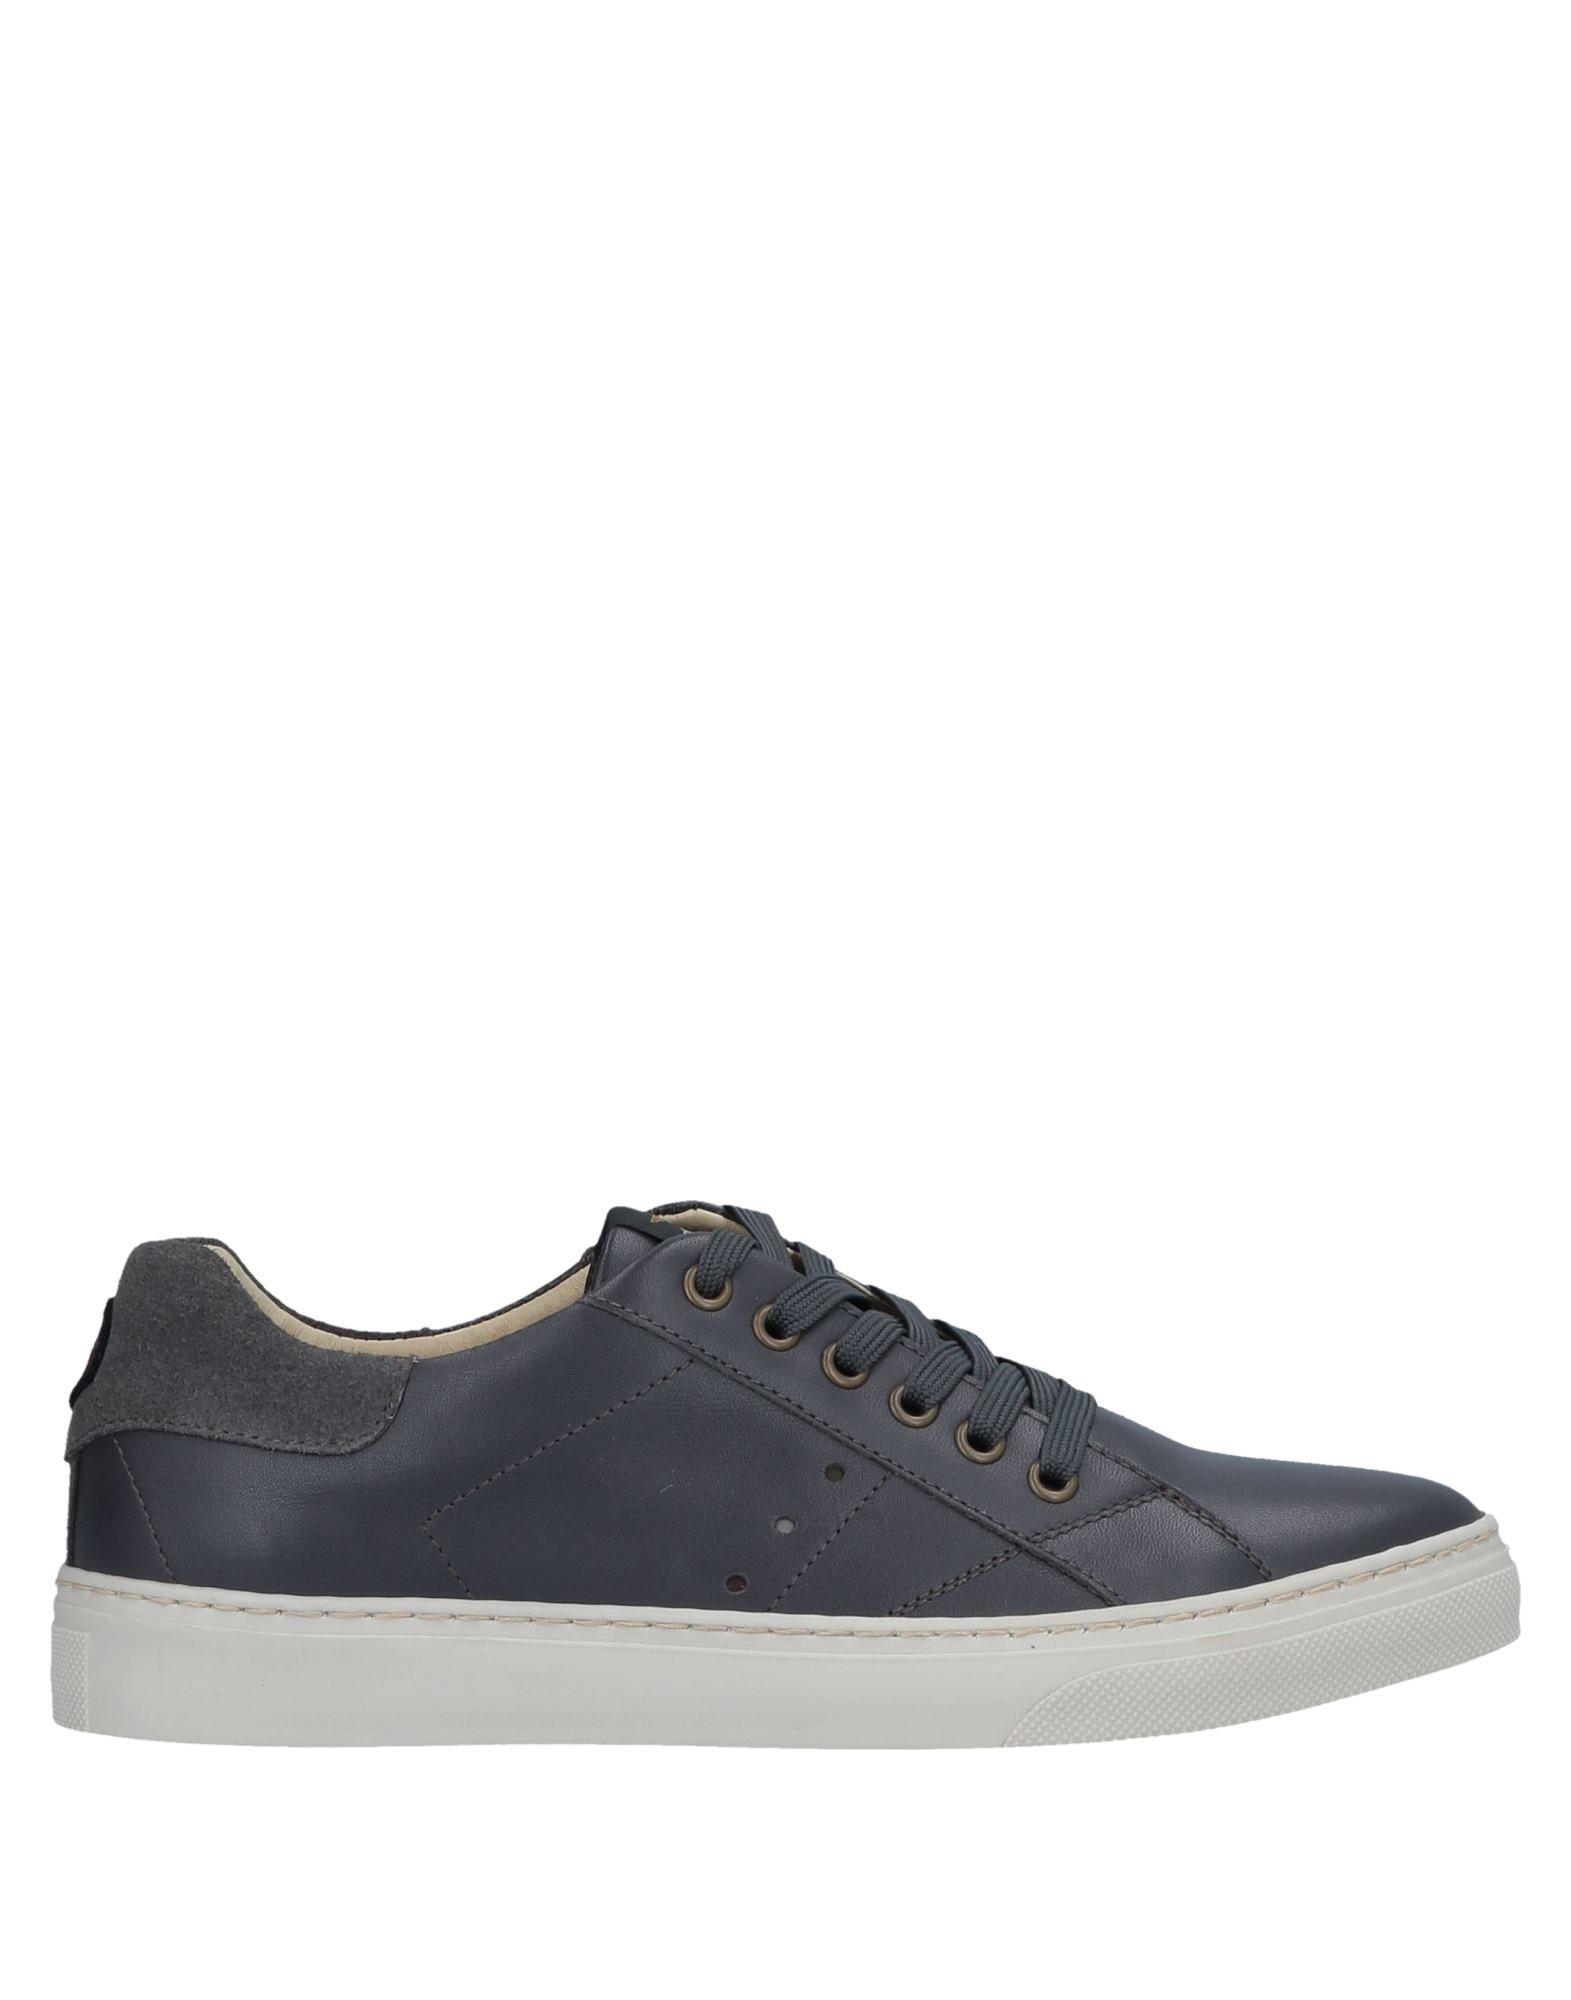 Aeronautica Militare Militare Sneakers - Women Aeronautica Militare Militare Sneakers online on  United Kingdom - 11529701MT 21f55e